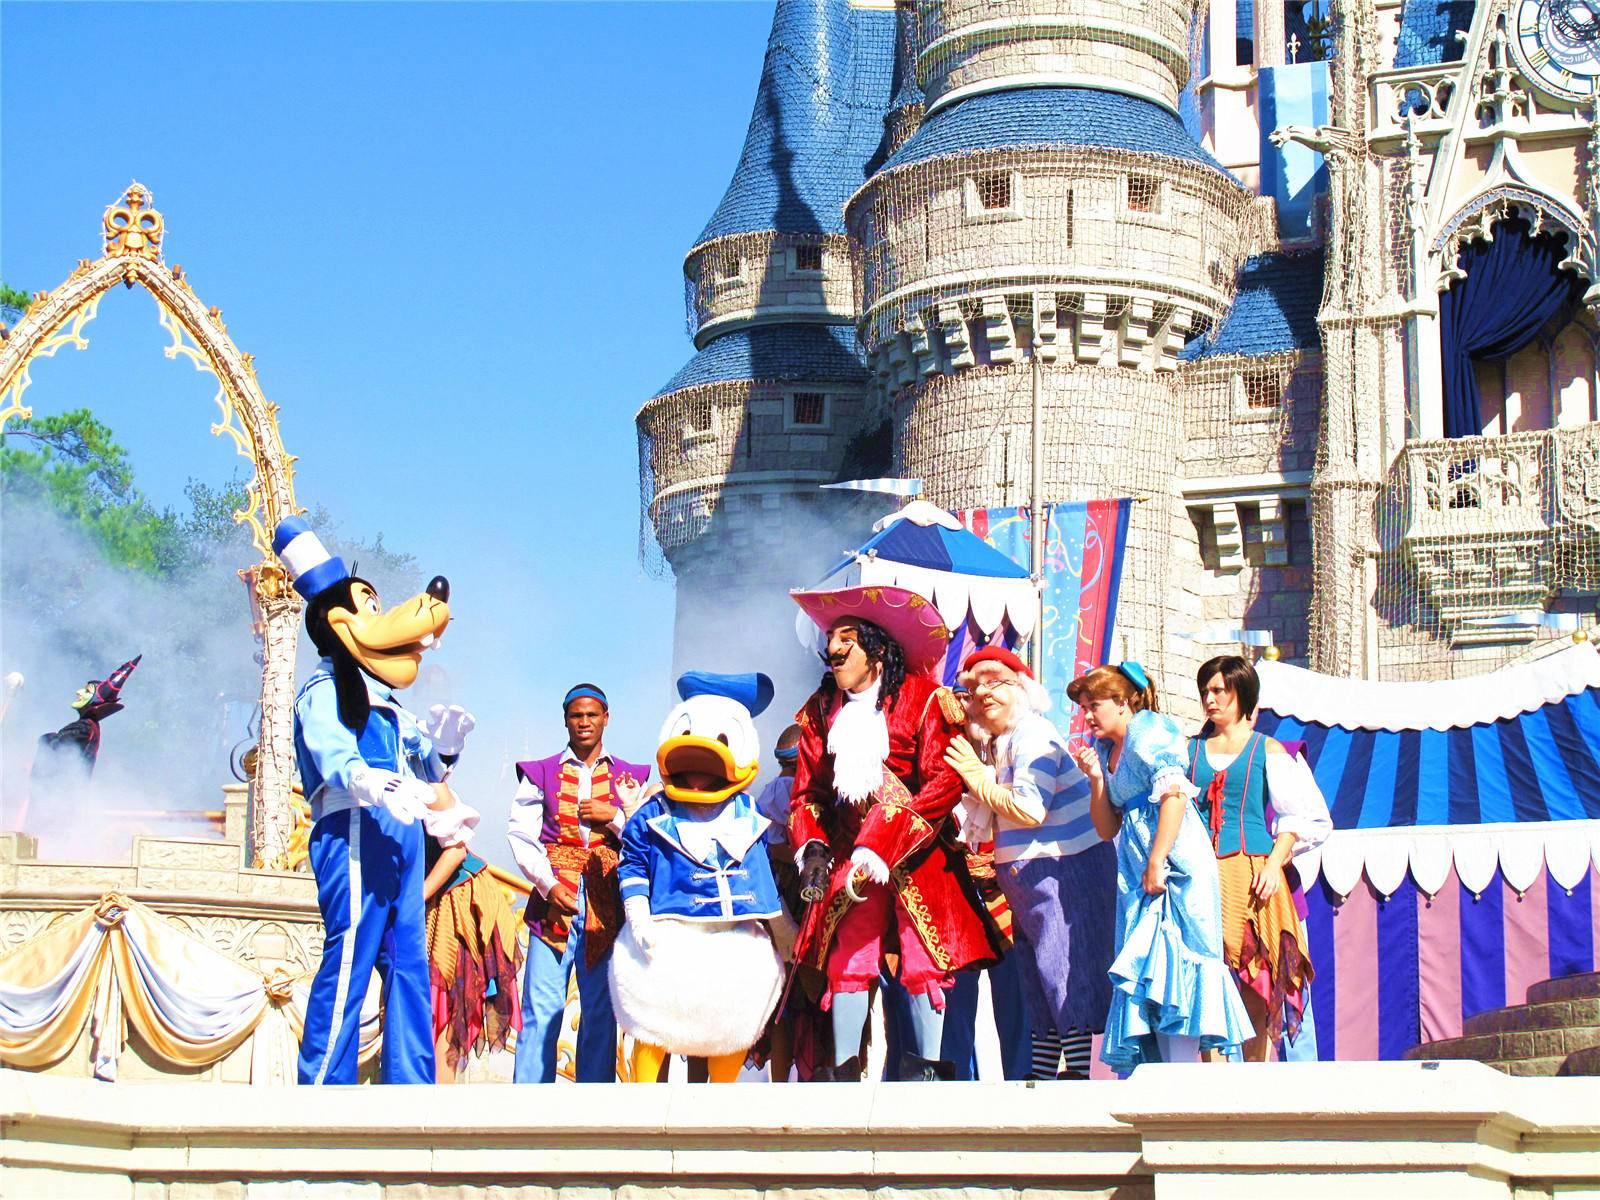 1 Day Disneyland Tour Or Adventure Park Tours4fun